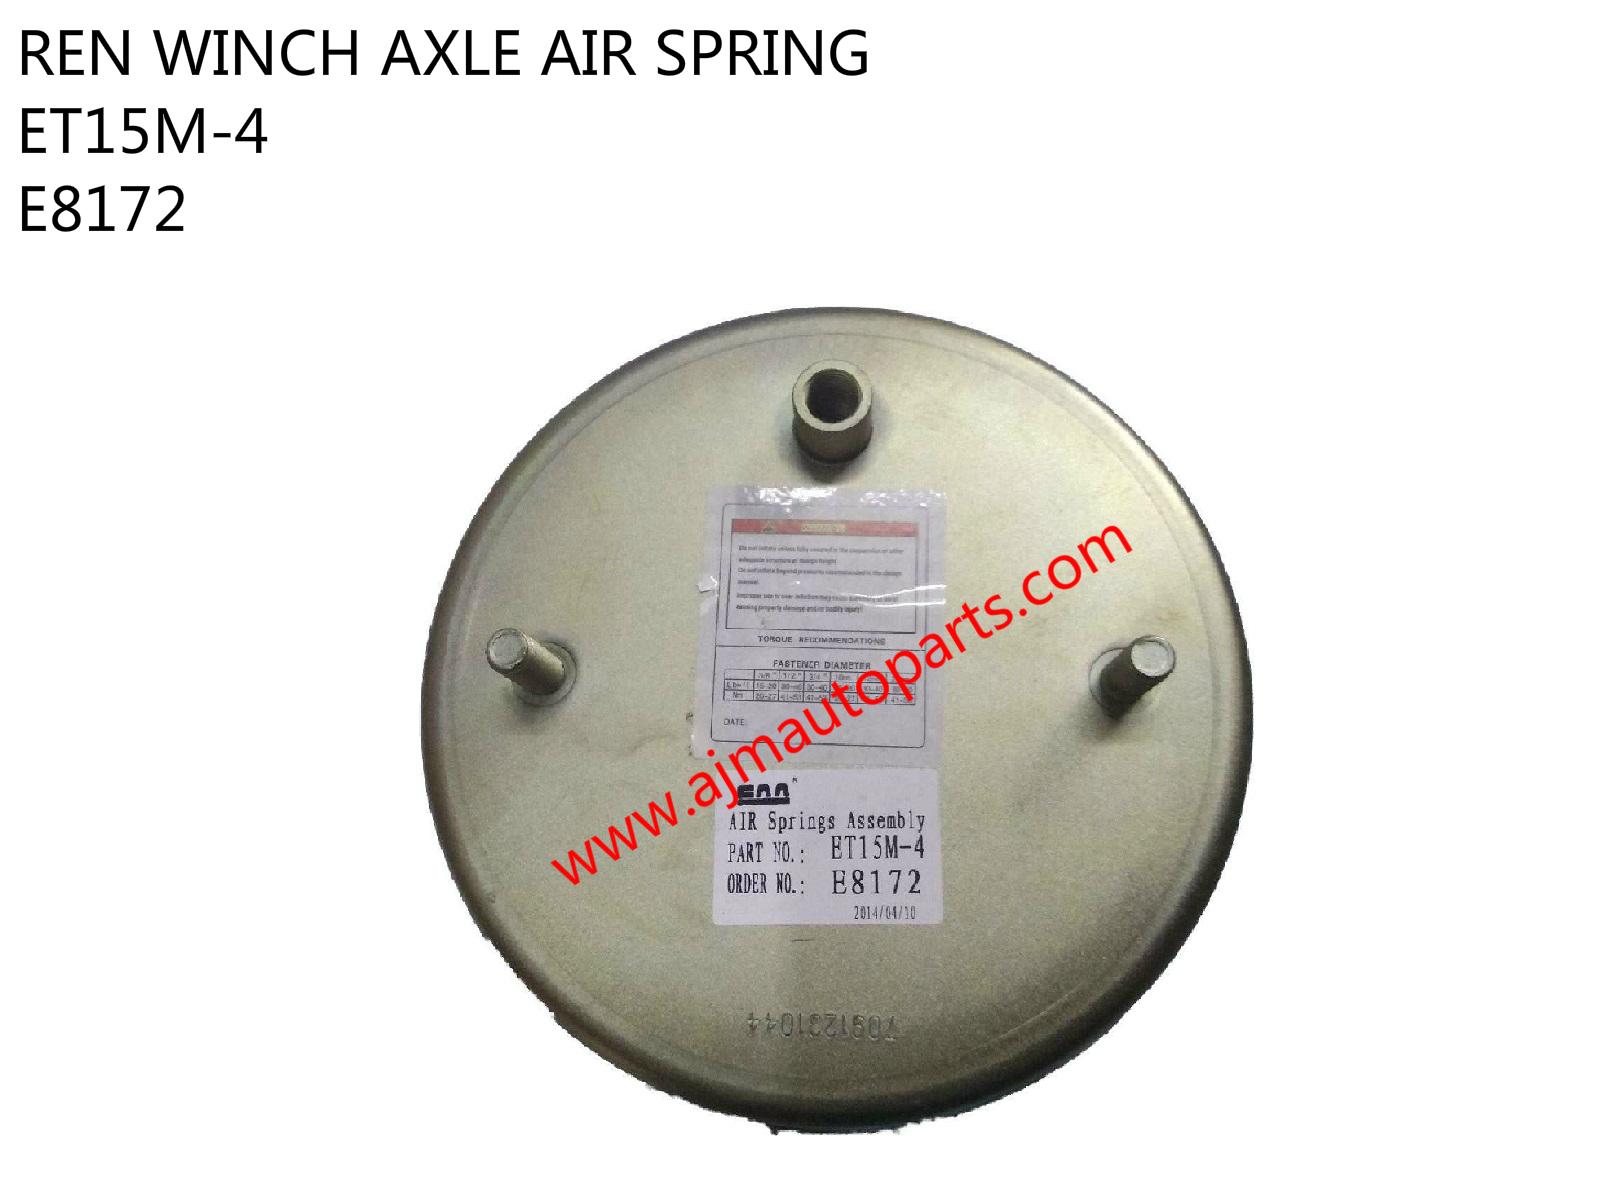 REN AXLE WINCH AIR SPRING-E8172-E4154